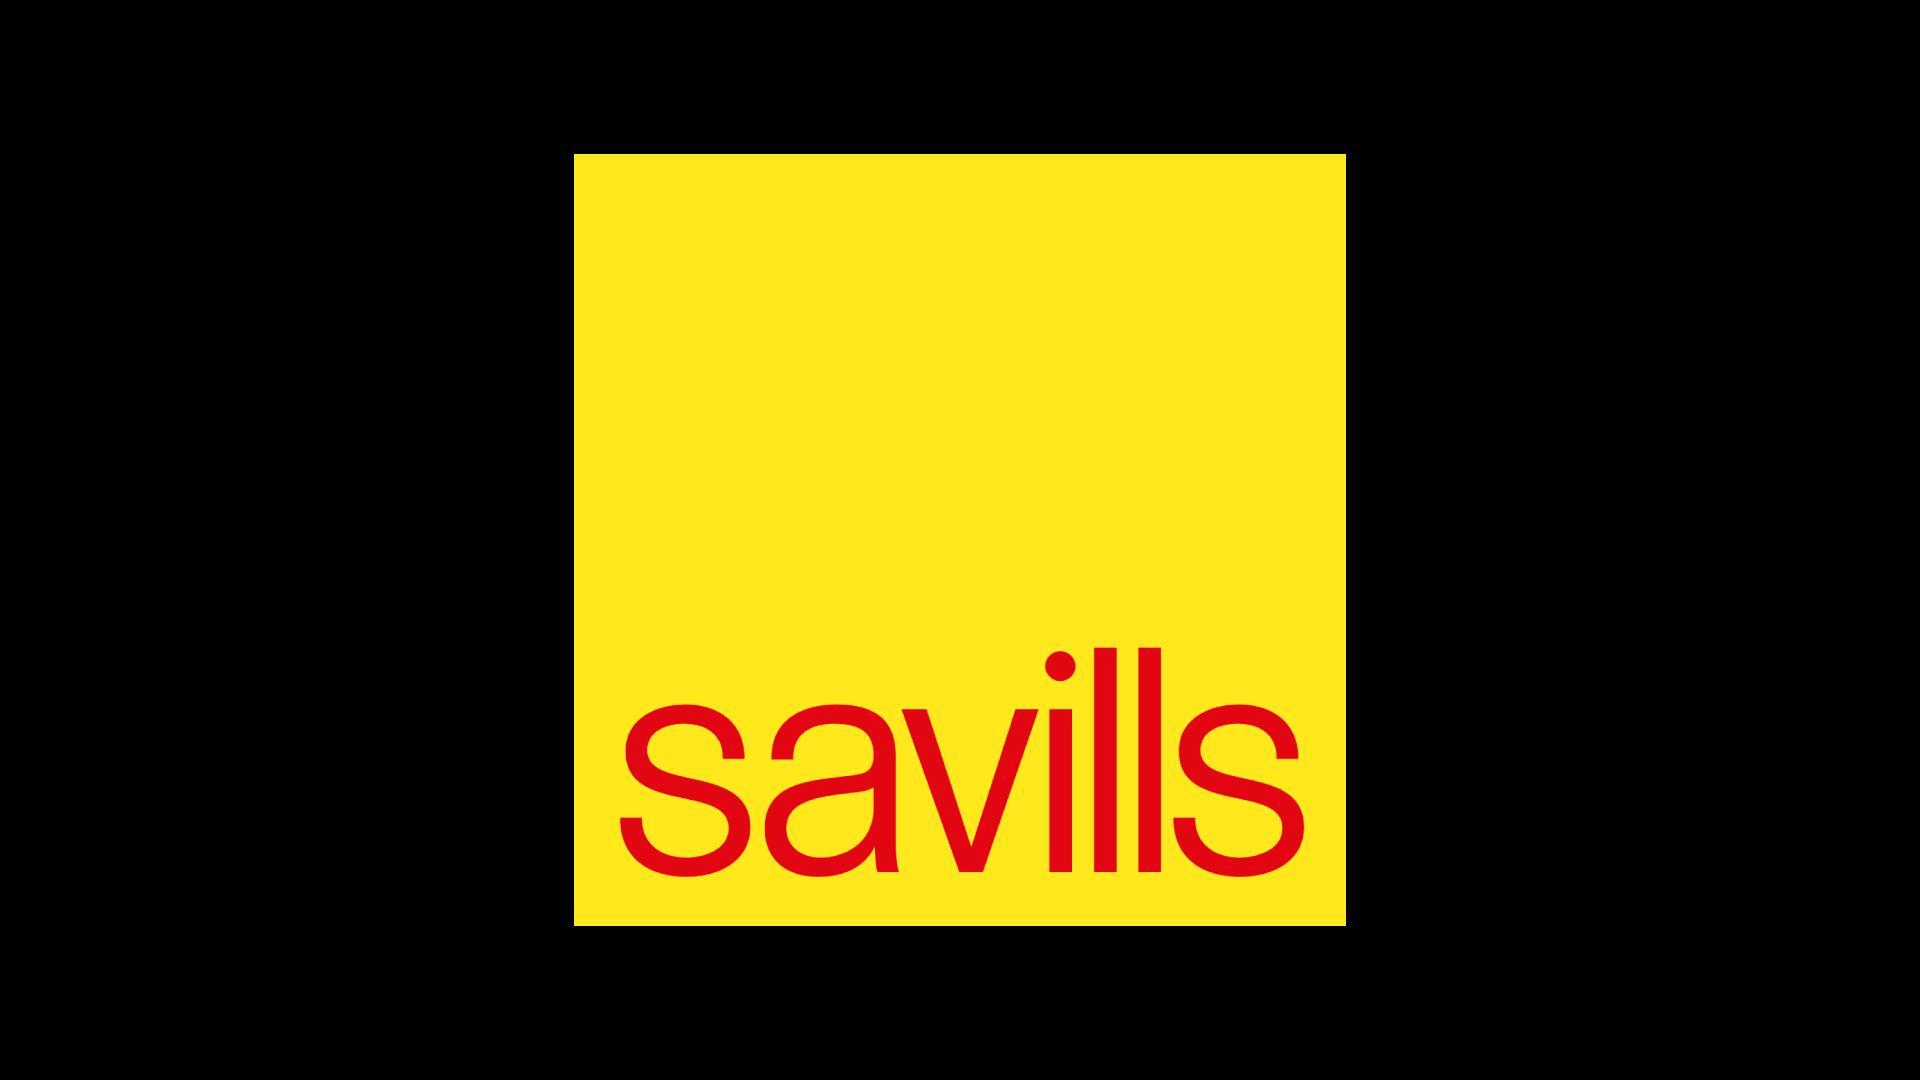 CADS client Savills